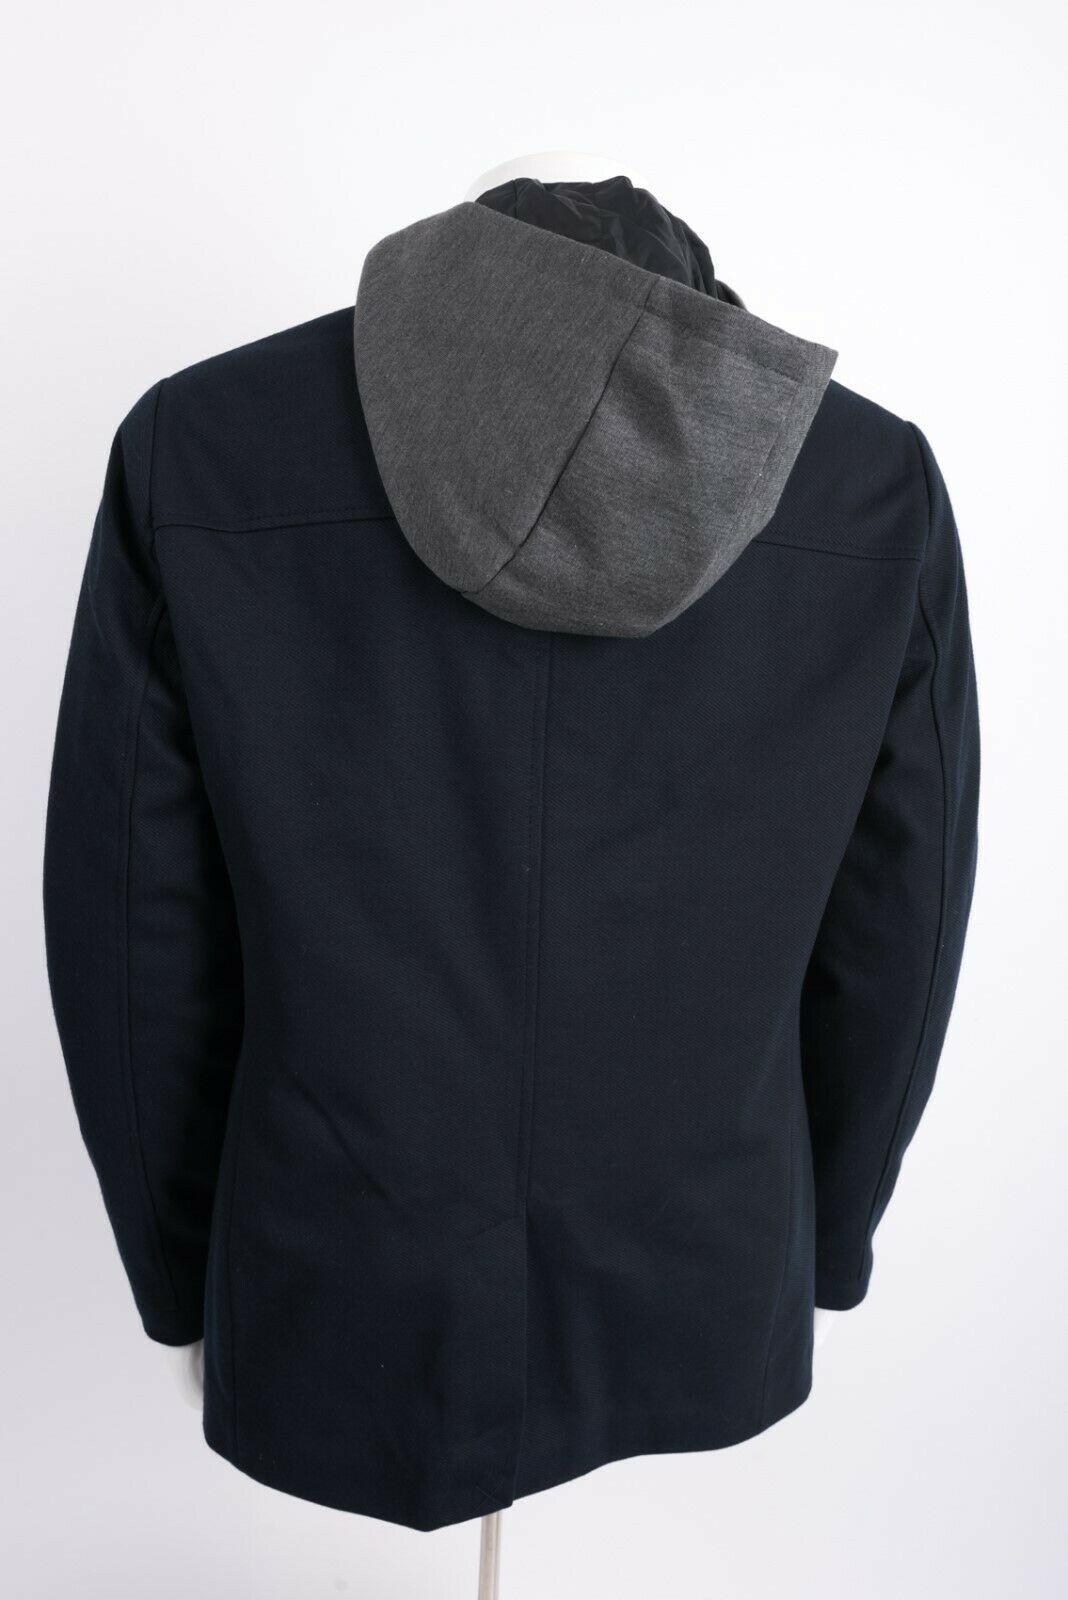 Zara Man Mens Jacket Coat Blazer Removeable Interior Navy Blue Gray Hooded NWT image 5